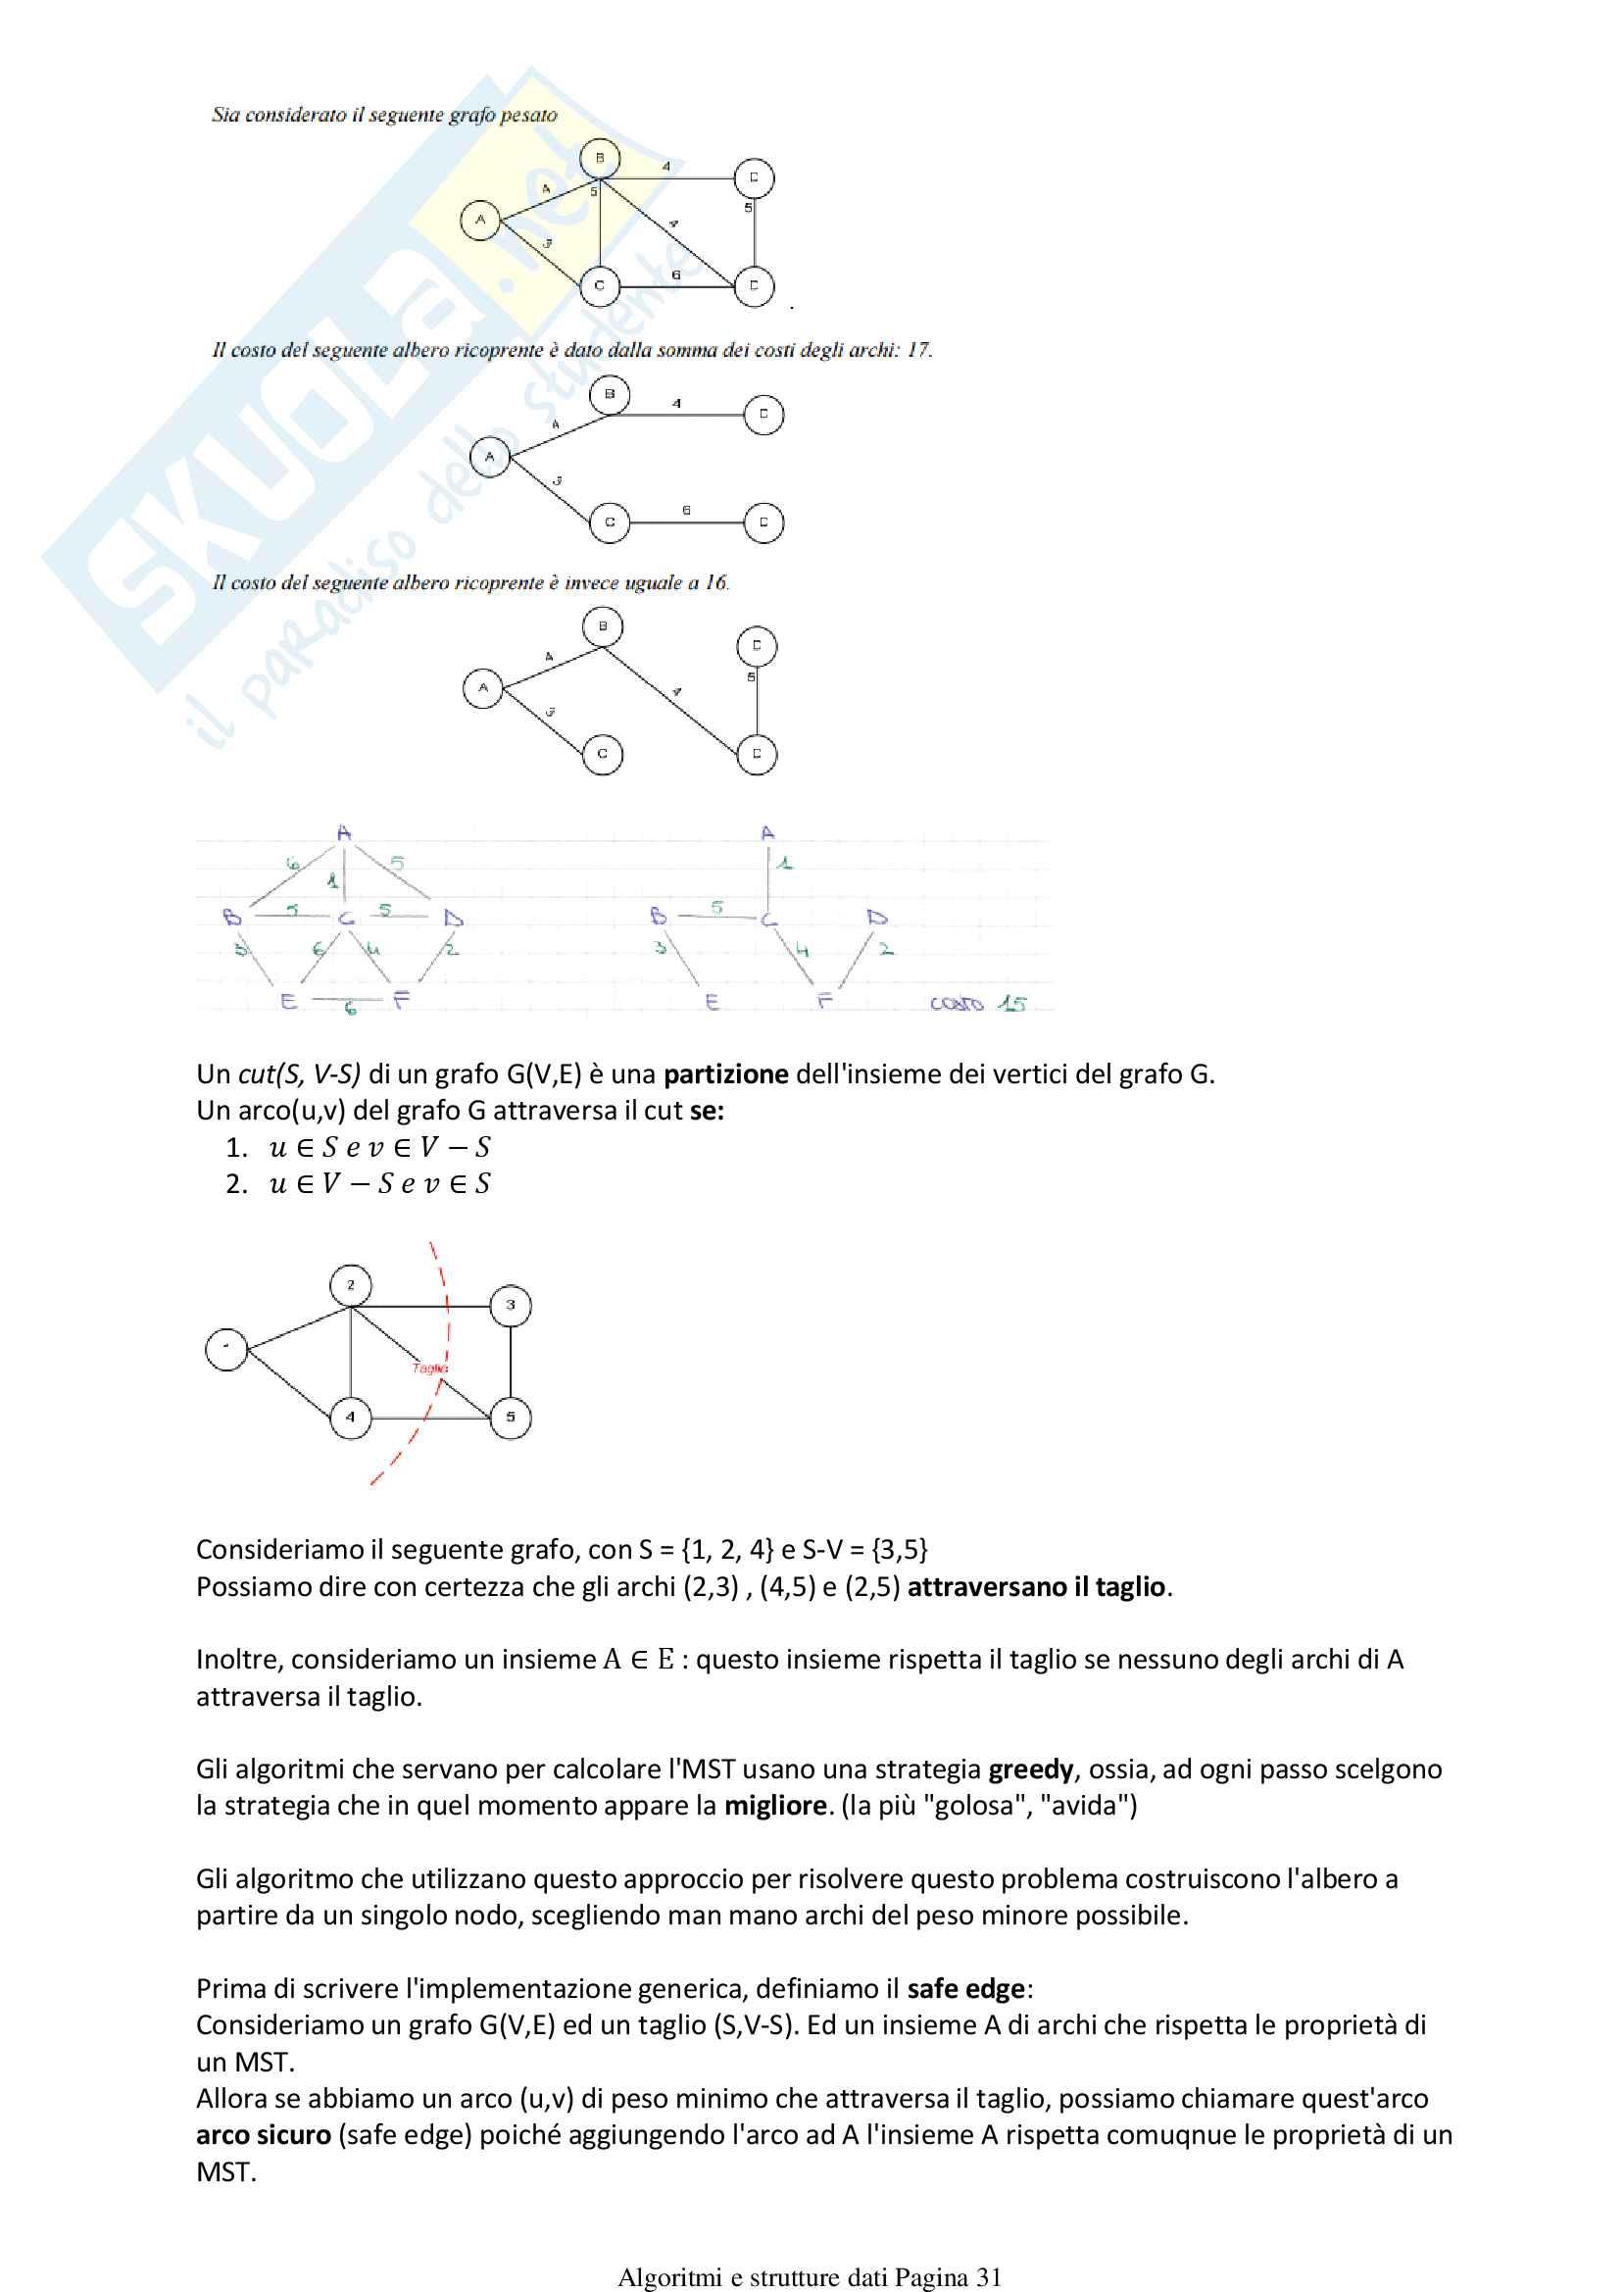 Algoritmi e strutture dati Pag. 31